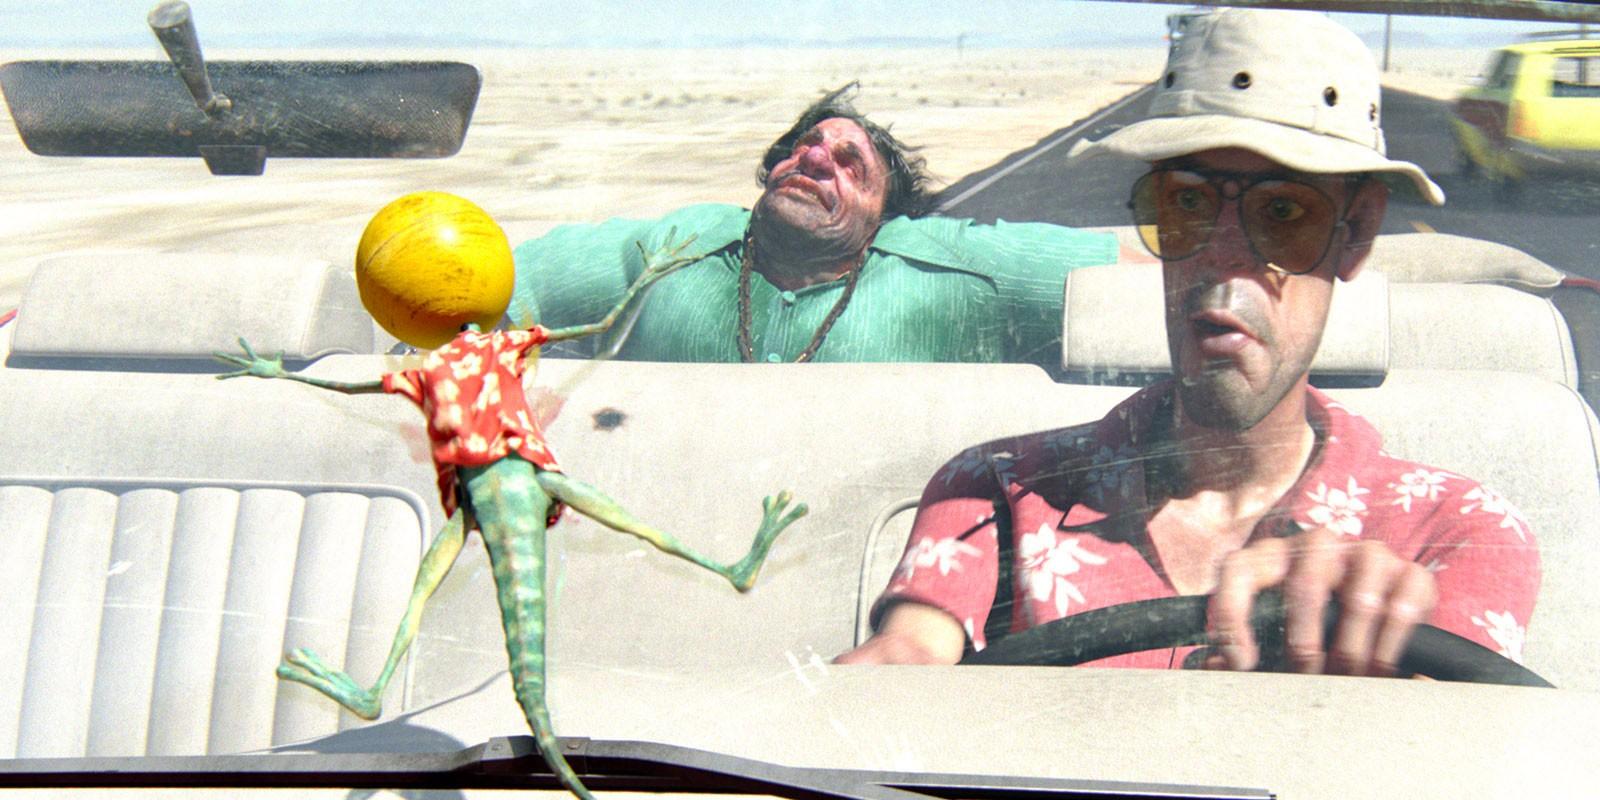 Ранго влетает в лобовое стекло машины